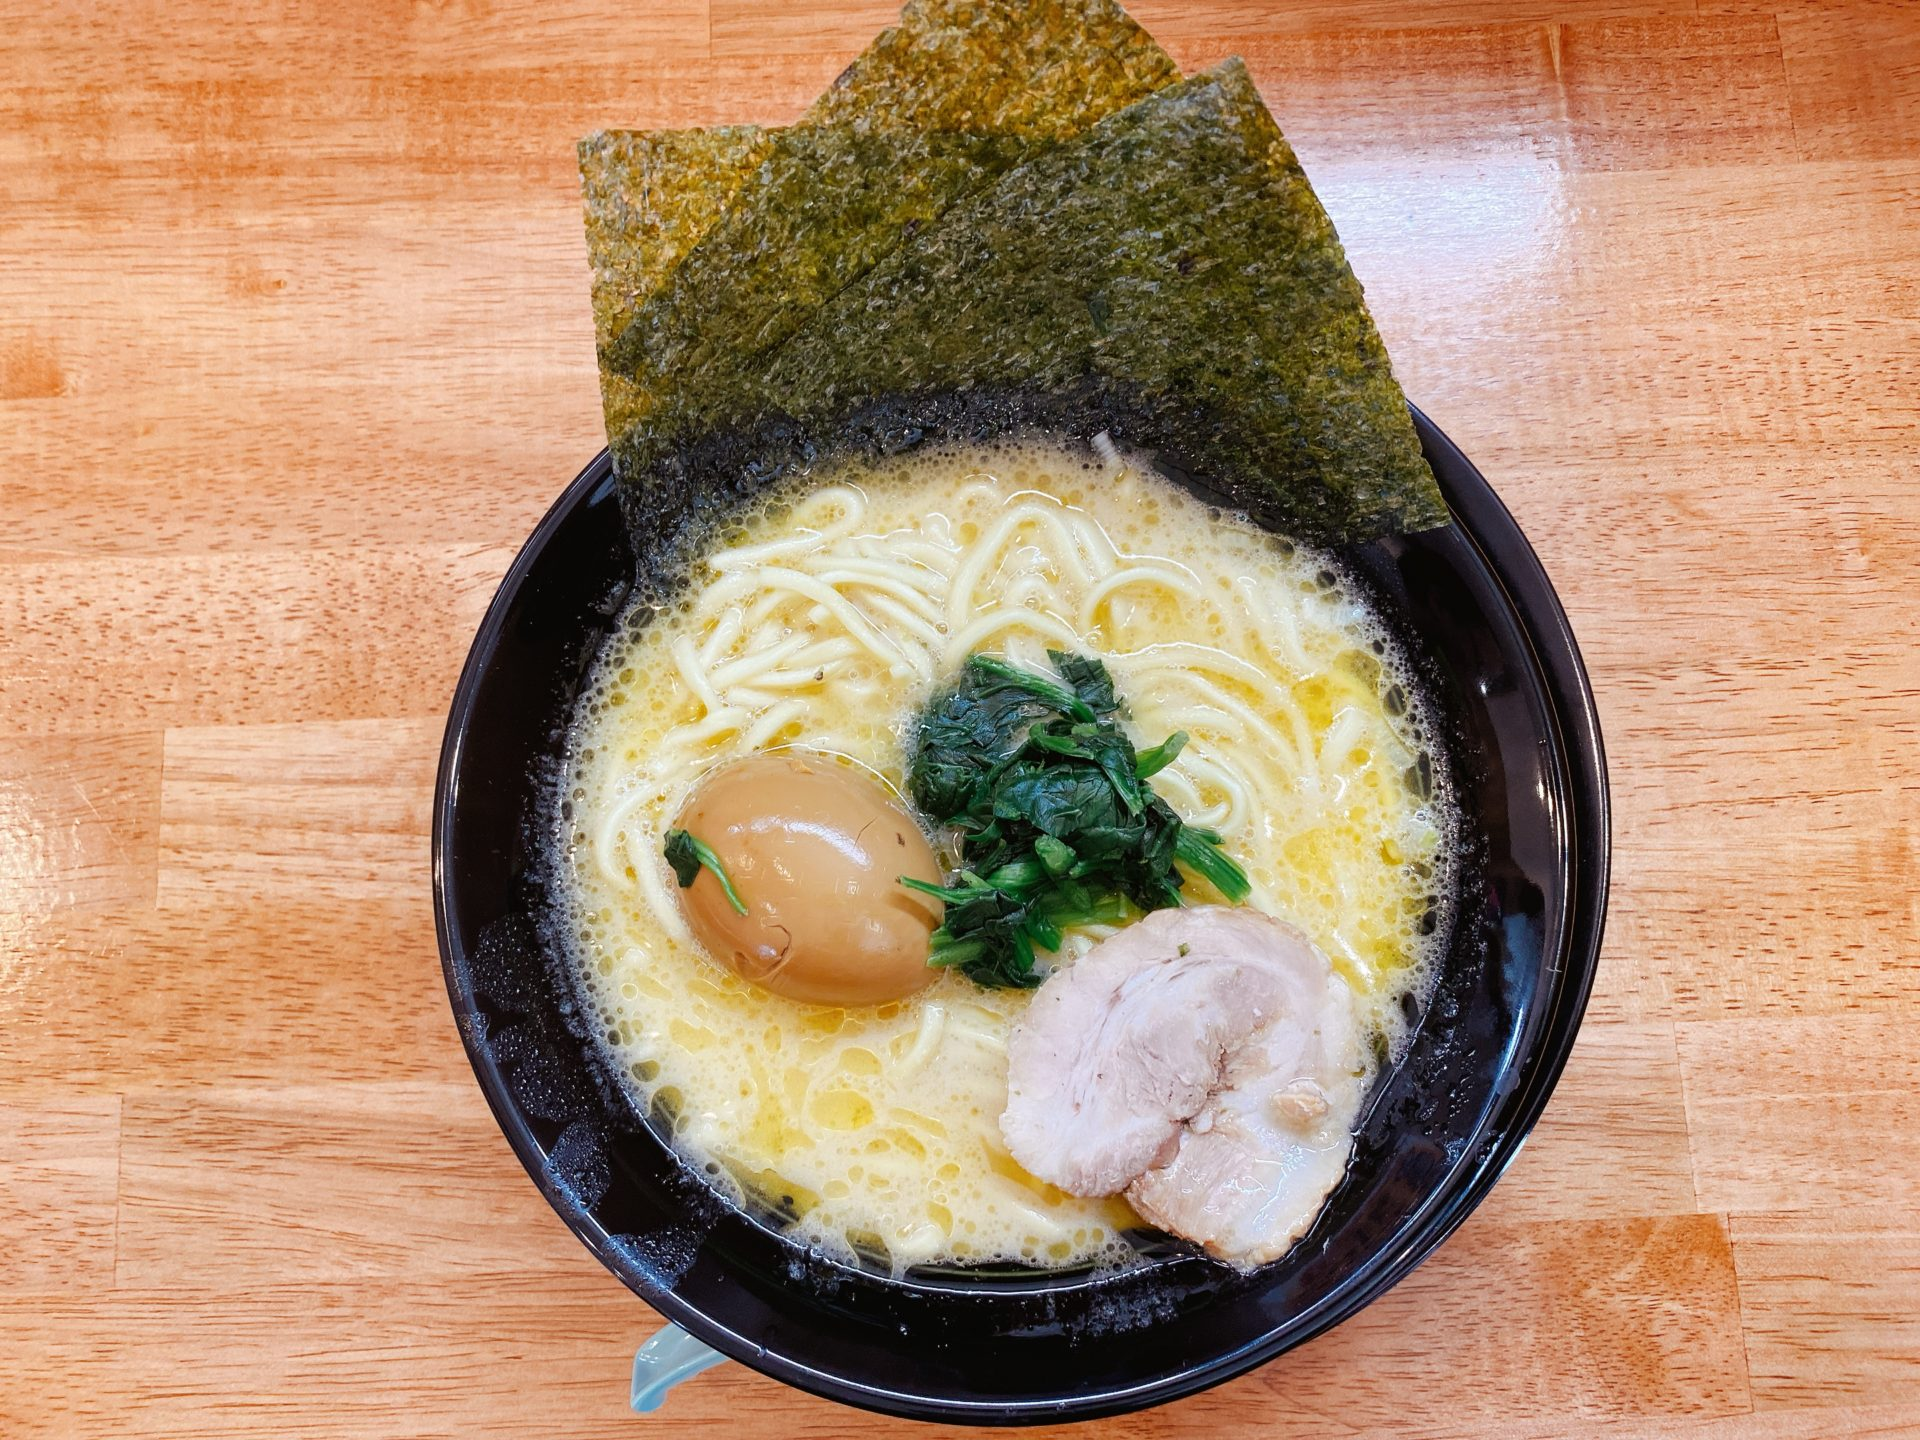 3月7日オープン!家系ラーメン しゃかりき家は、妹尾駅から車で5分!スープは塩と醤油から選択で、トッピングでお好みにカスタム